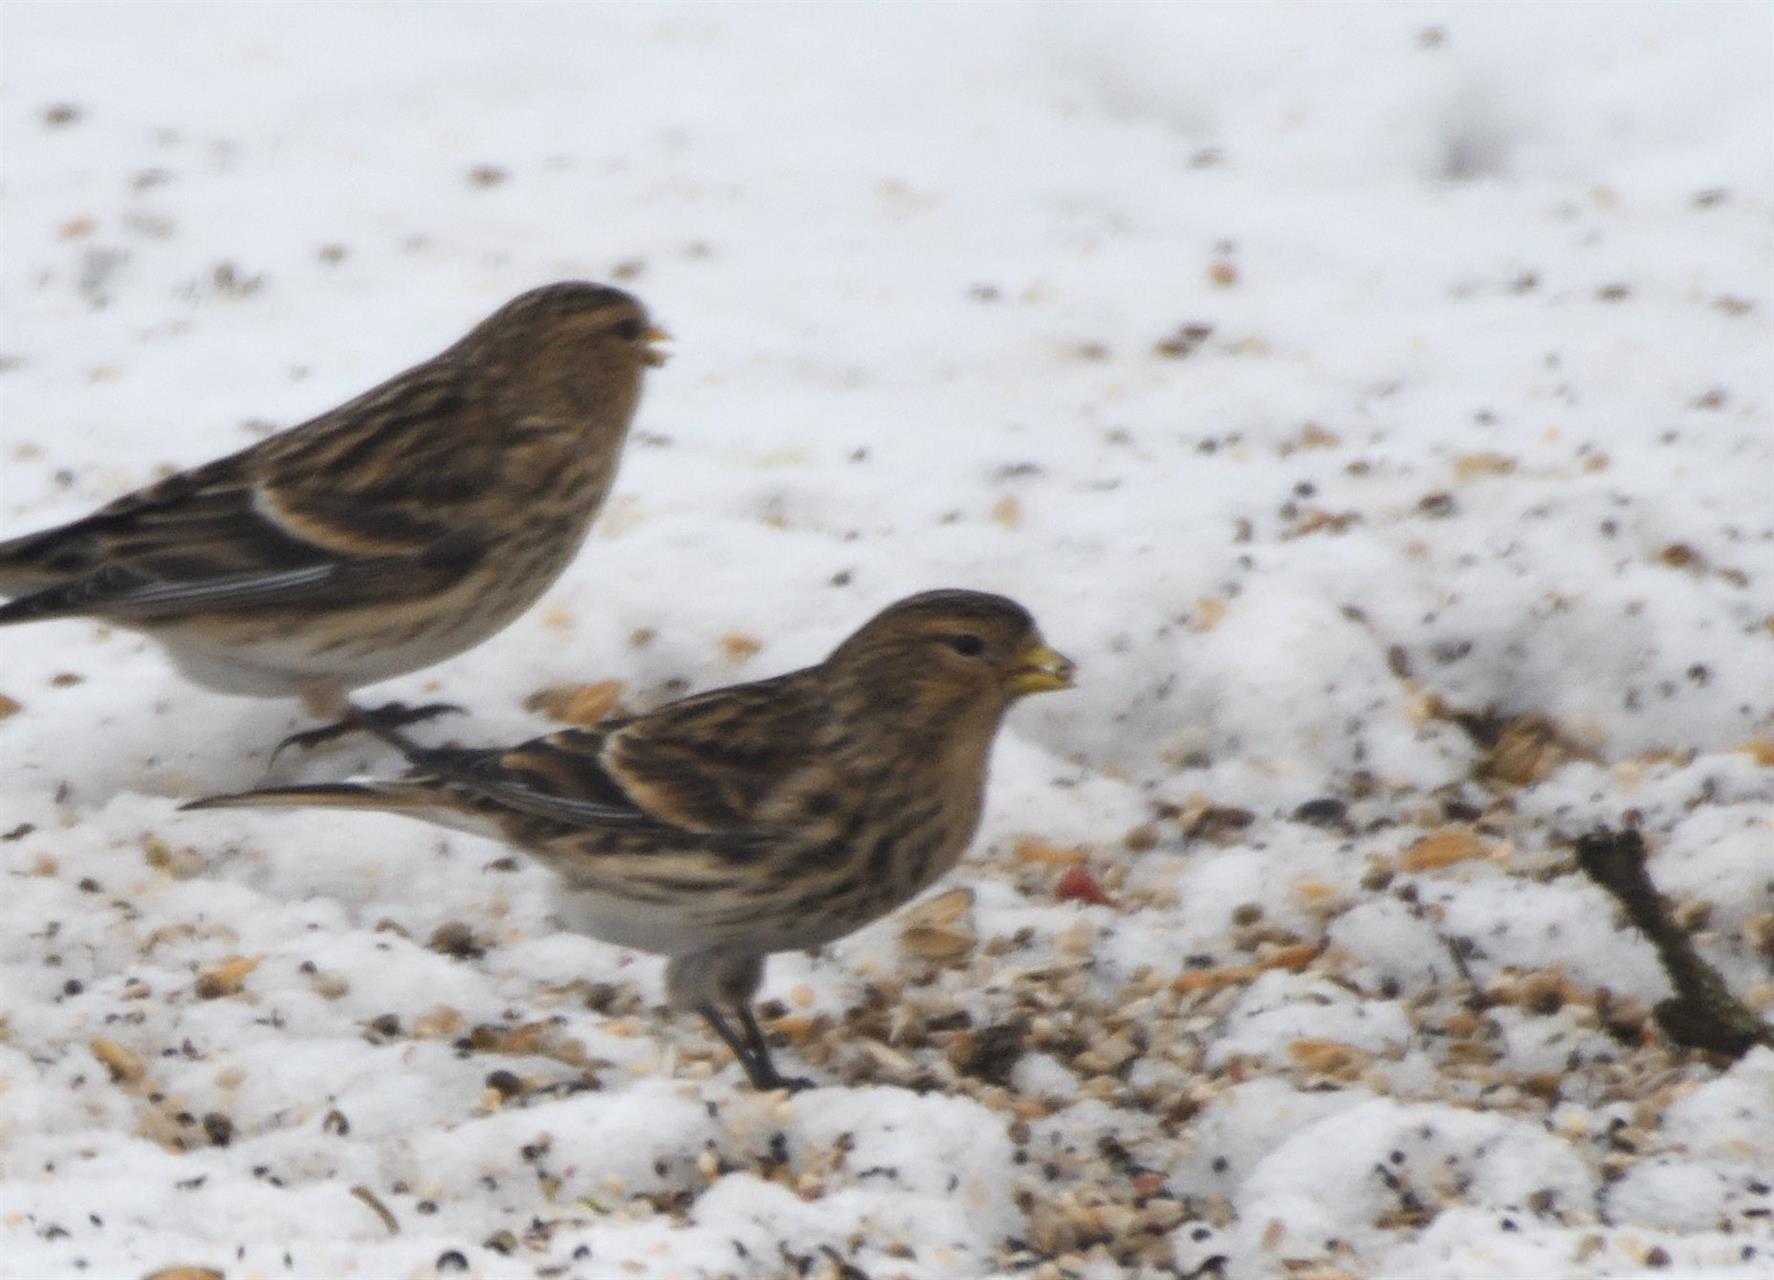 Vinterhämplingar äter ekologiska åkerfrön på fågelmatning i slättbygd